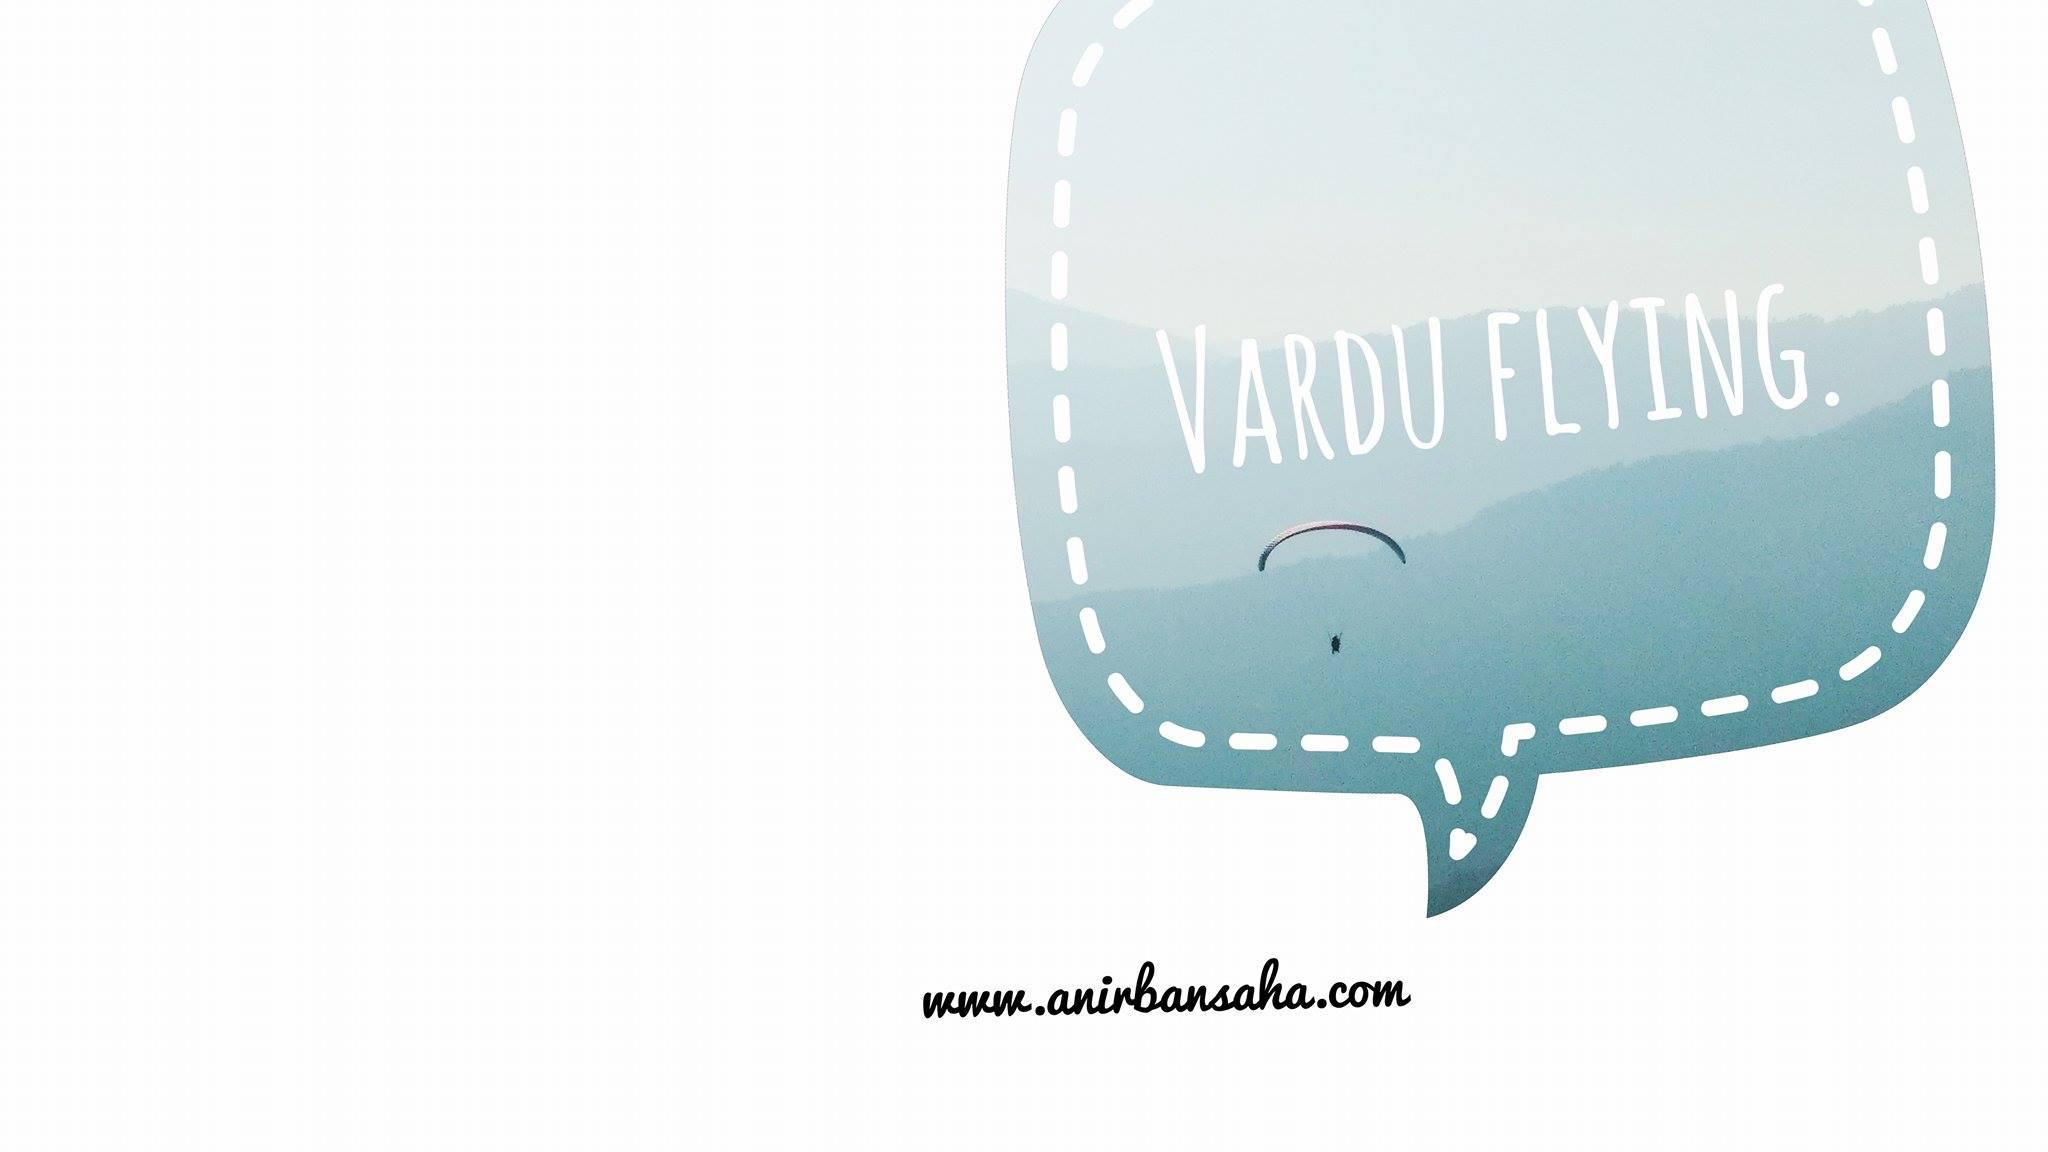 Vardu Flying.